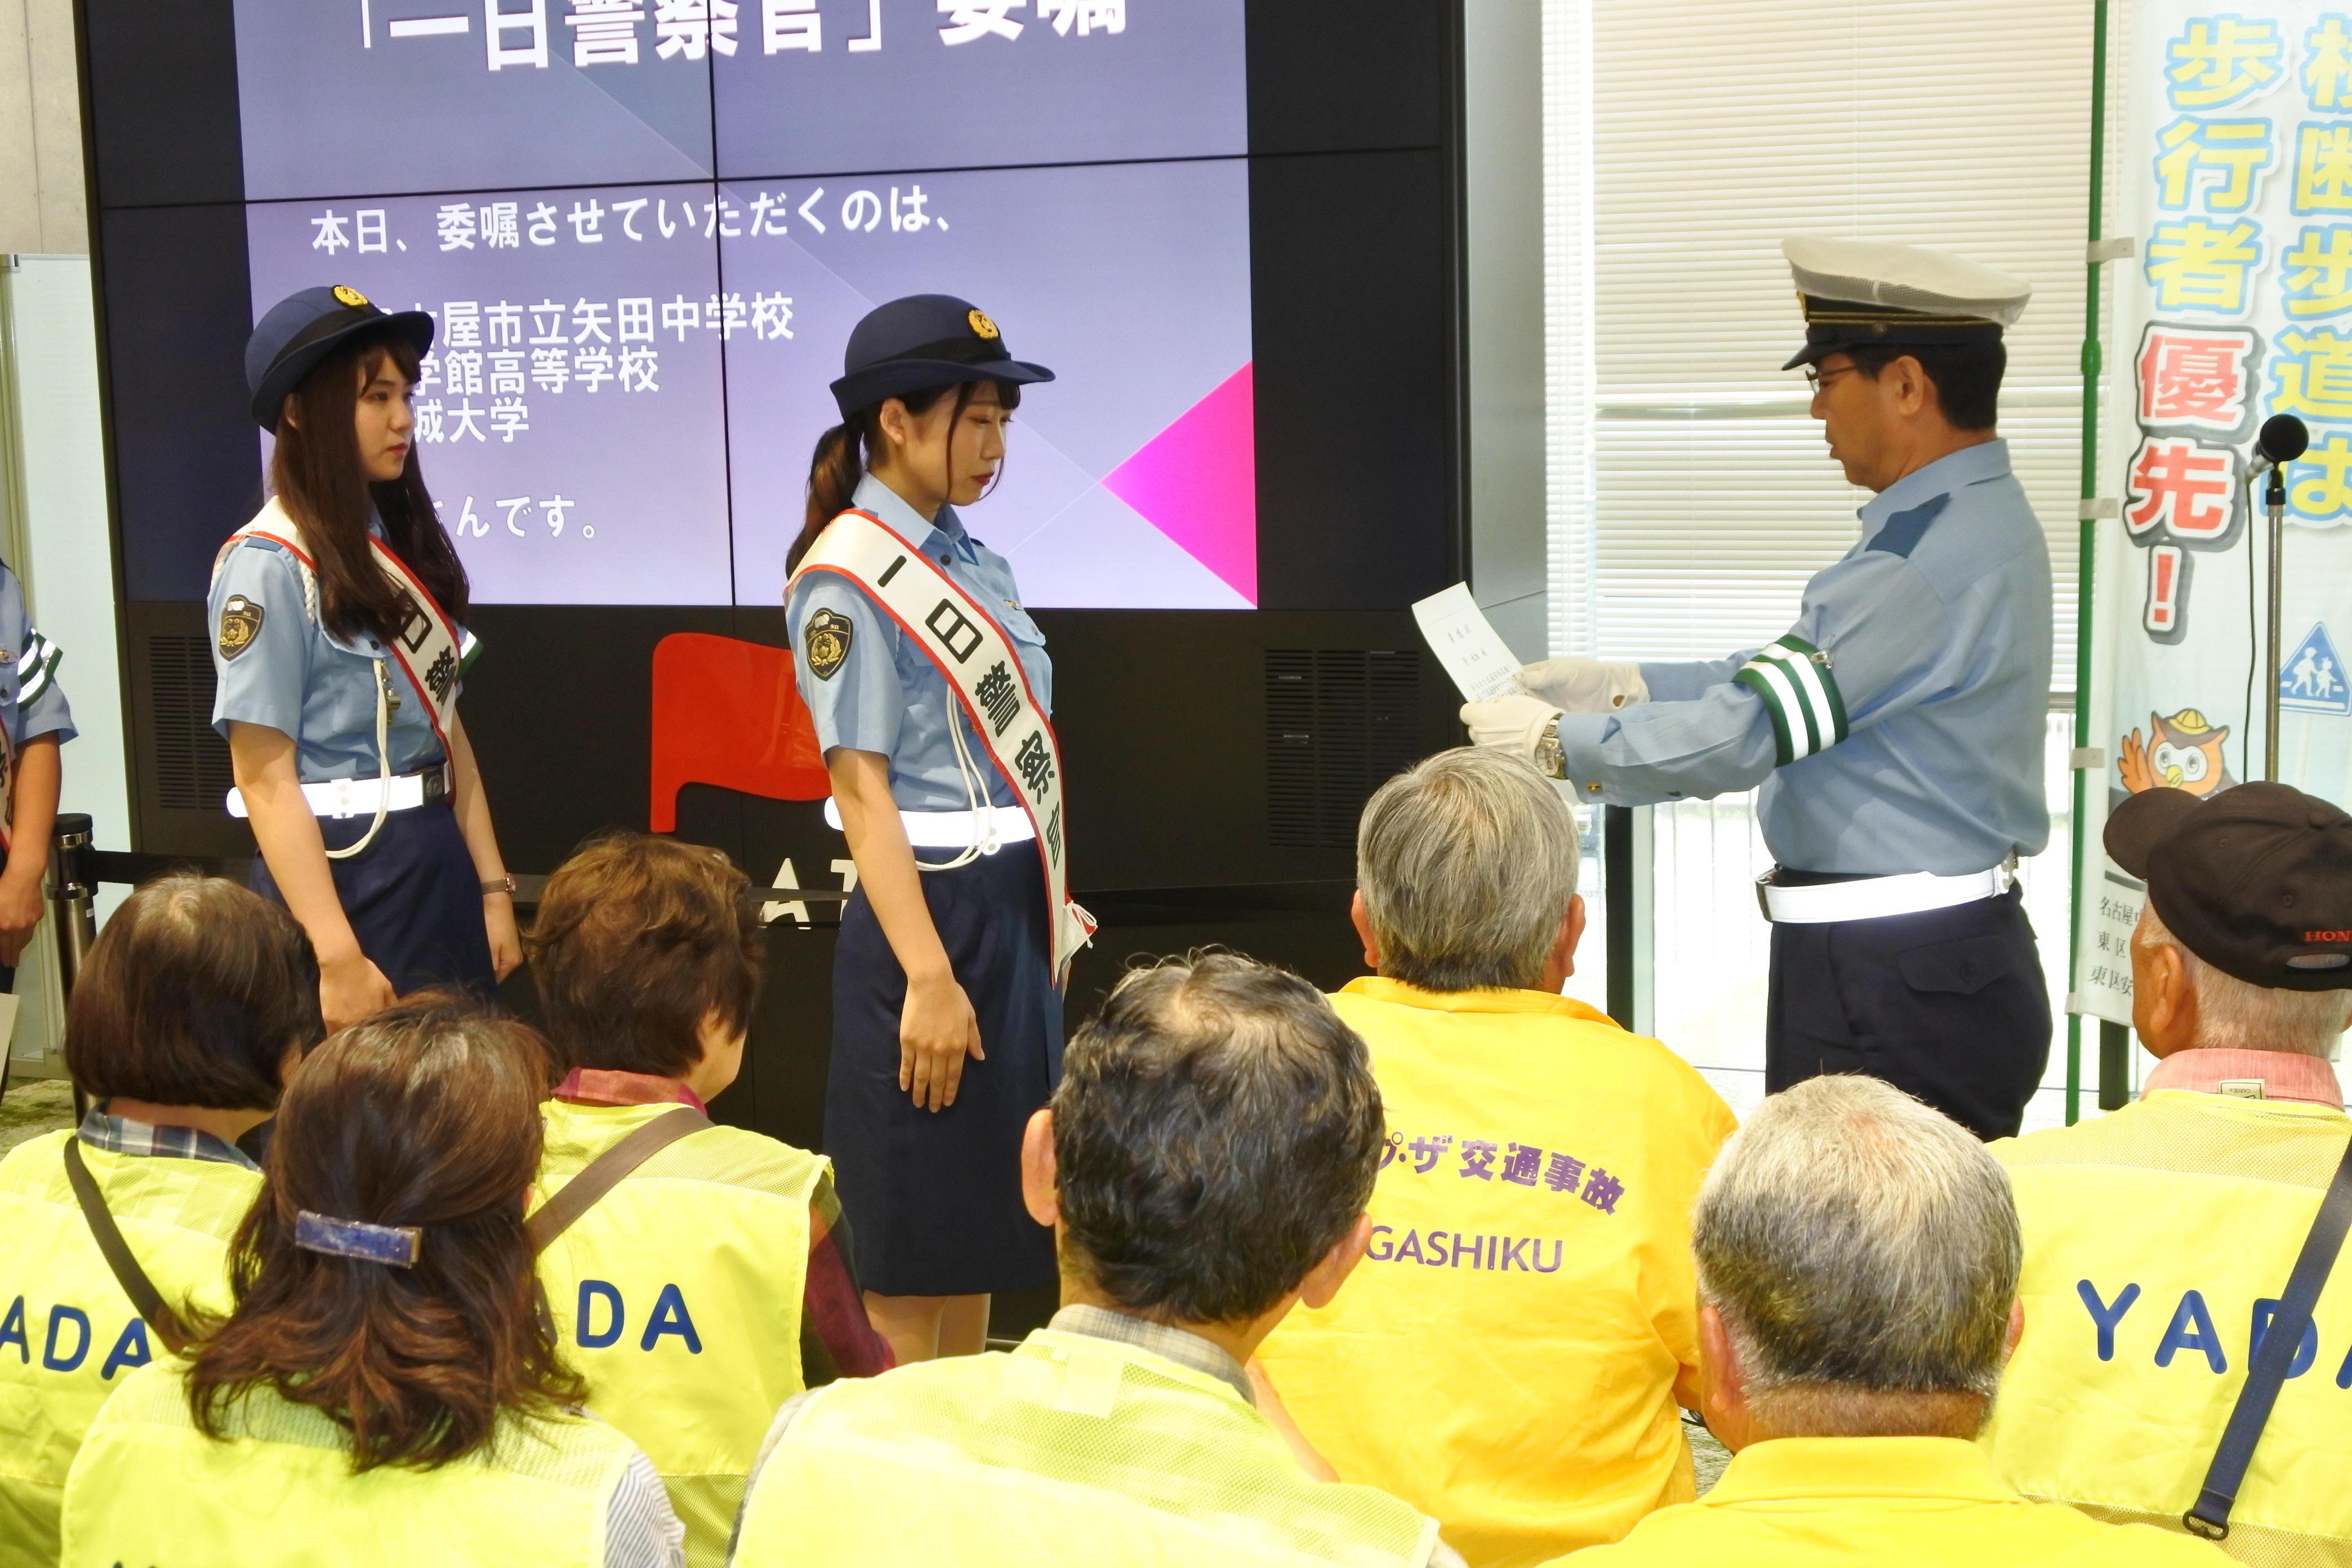 奥谷署長(右)から委嘱状を受ける菅さん(中央)と田中さん